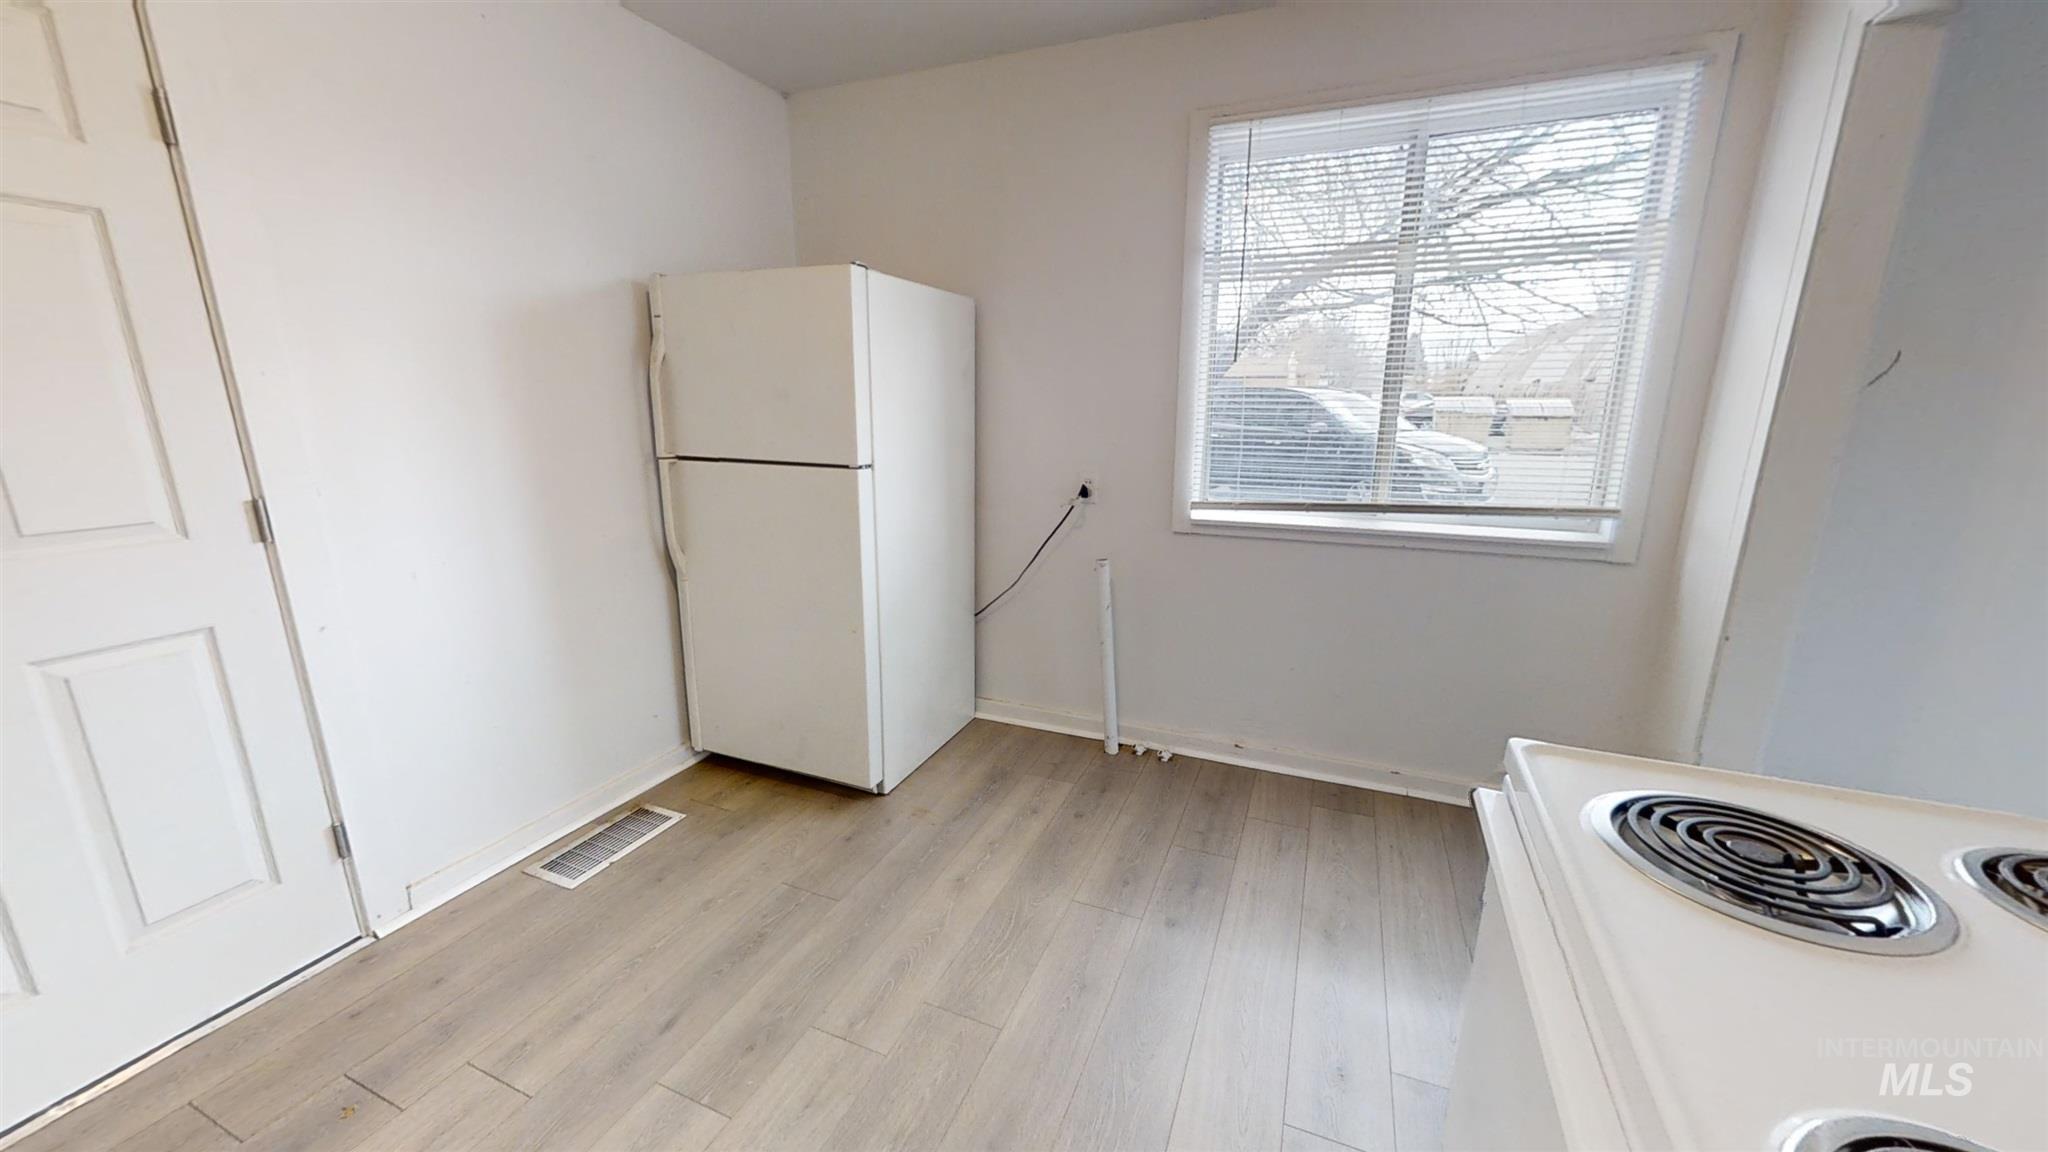 697 S Stout Property Photo 16